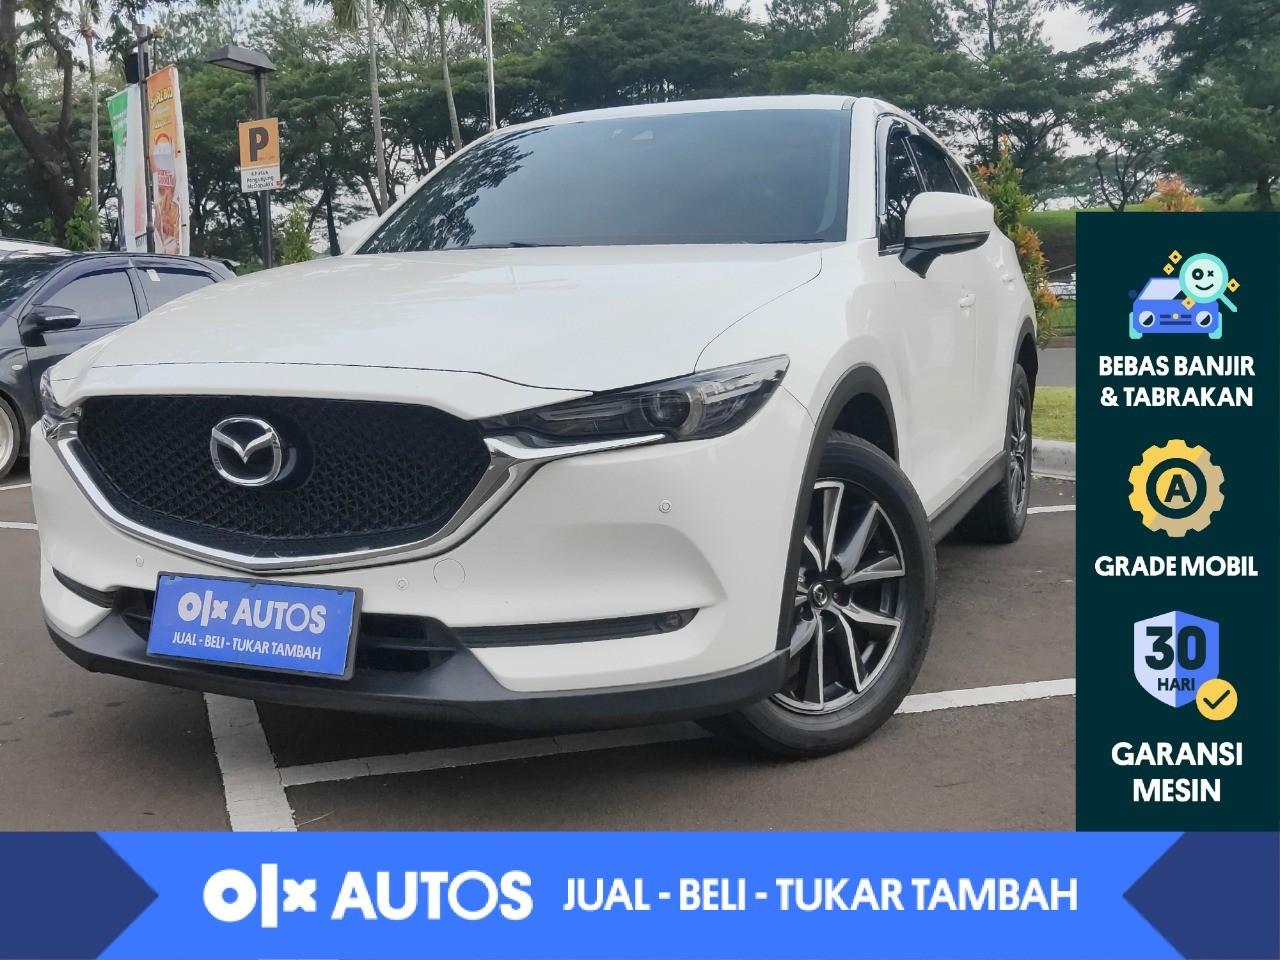 Kelebihan Mazda Cx 5 Olx Review